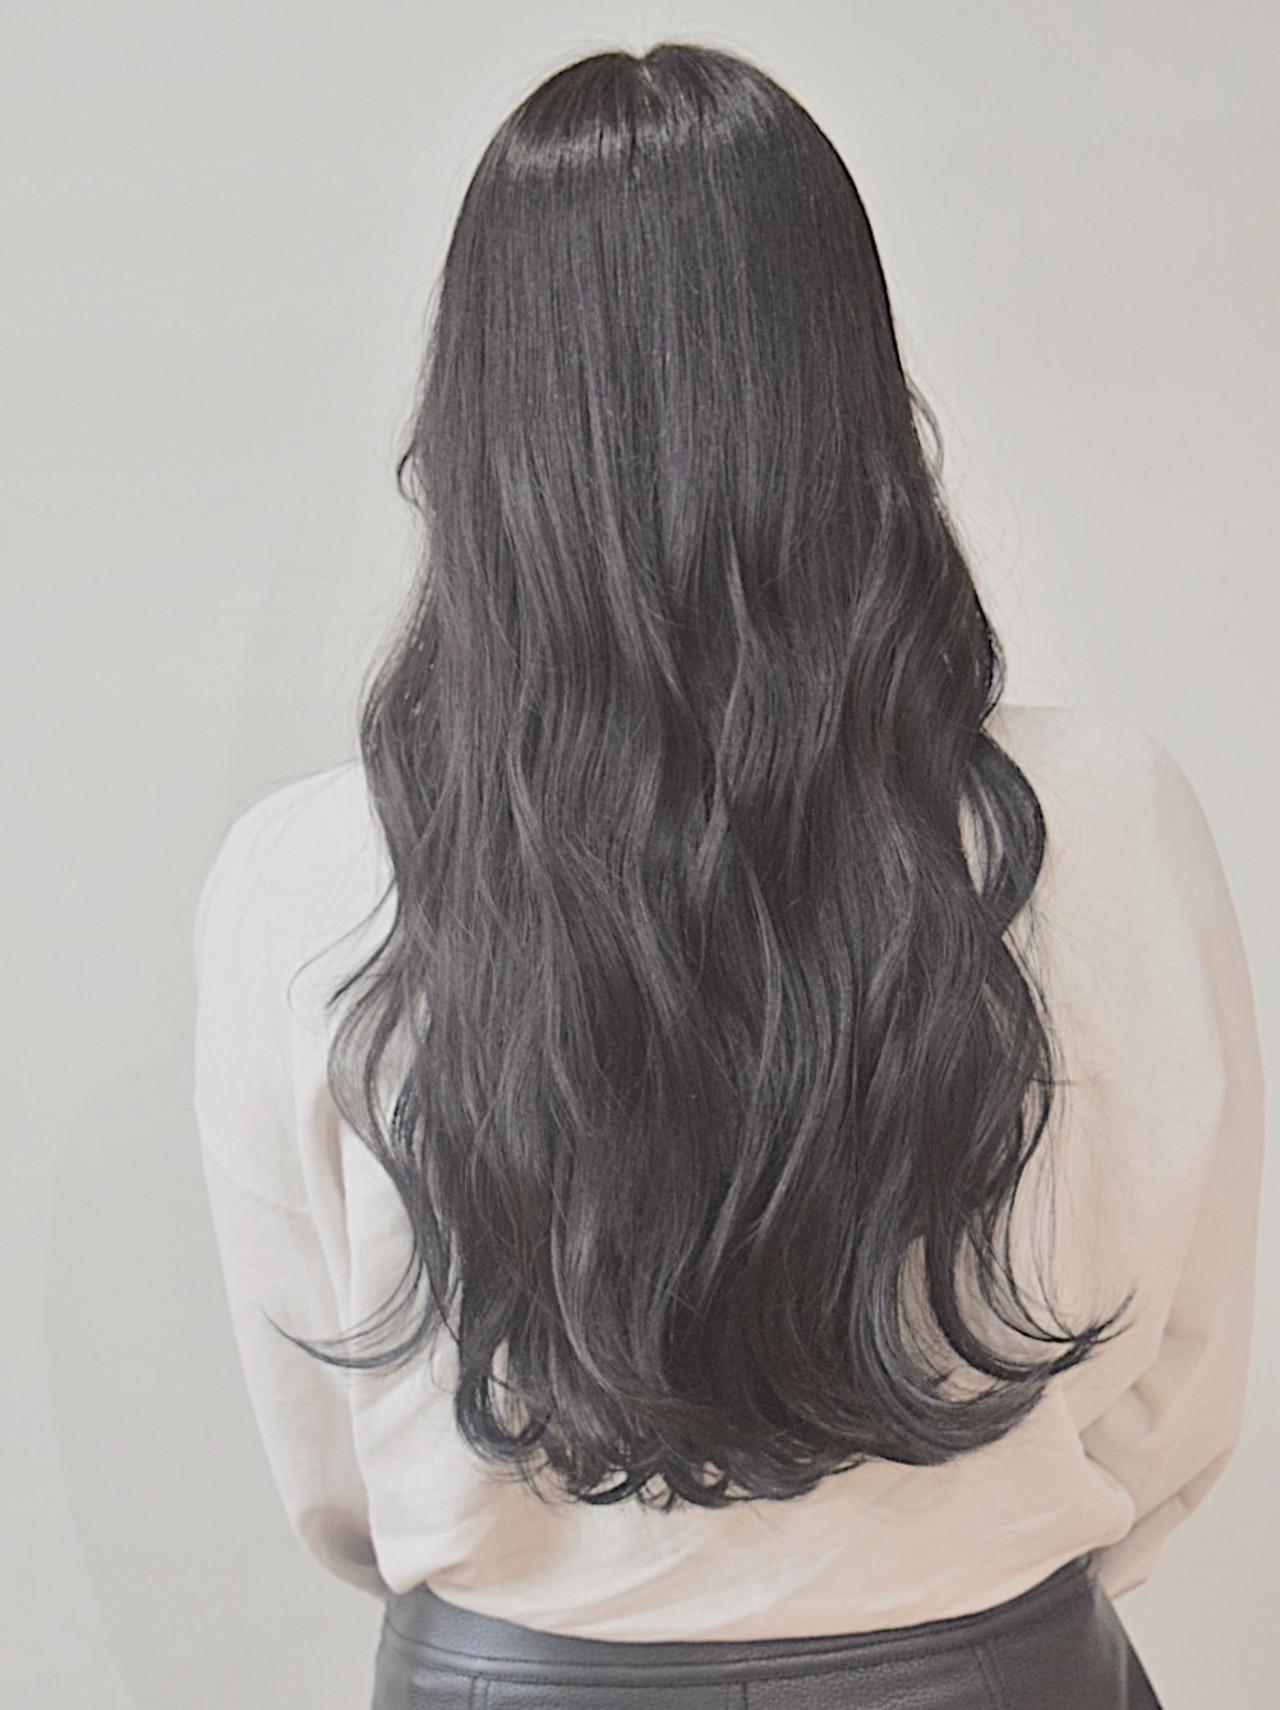 黒髪 アッシュブラック ダークグレー ロング ヘアスタイルや髪型の写真・画像